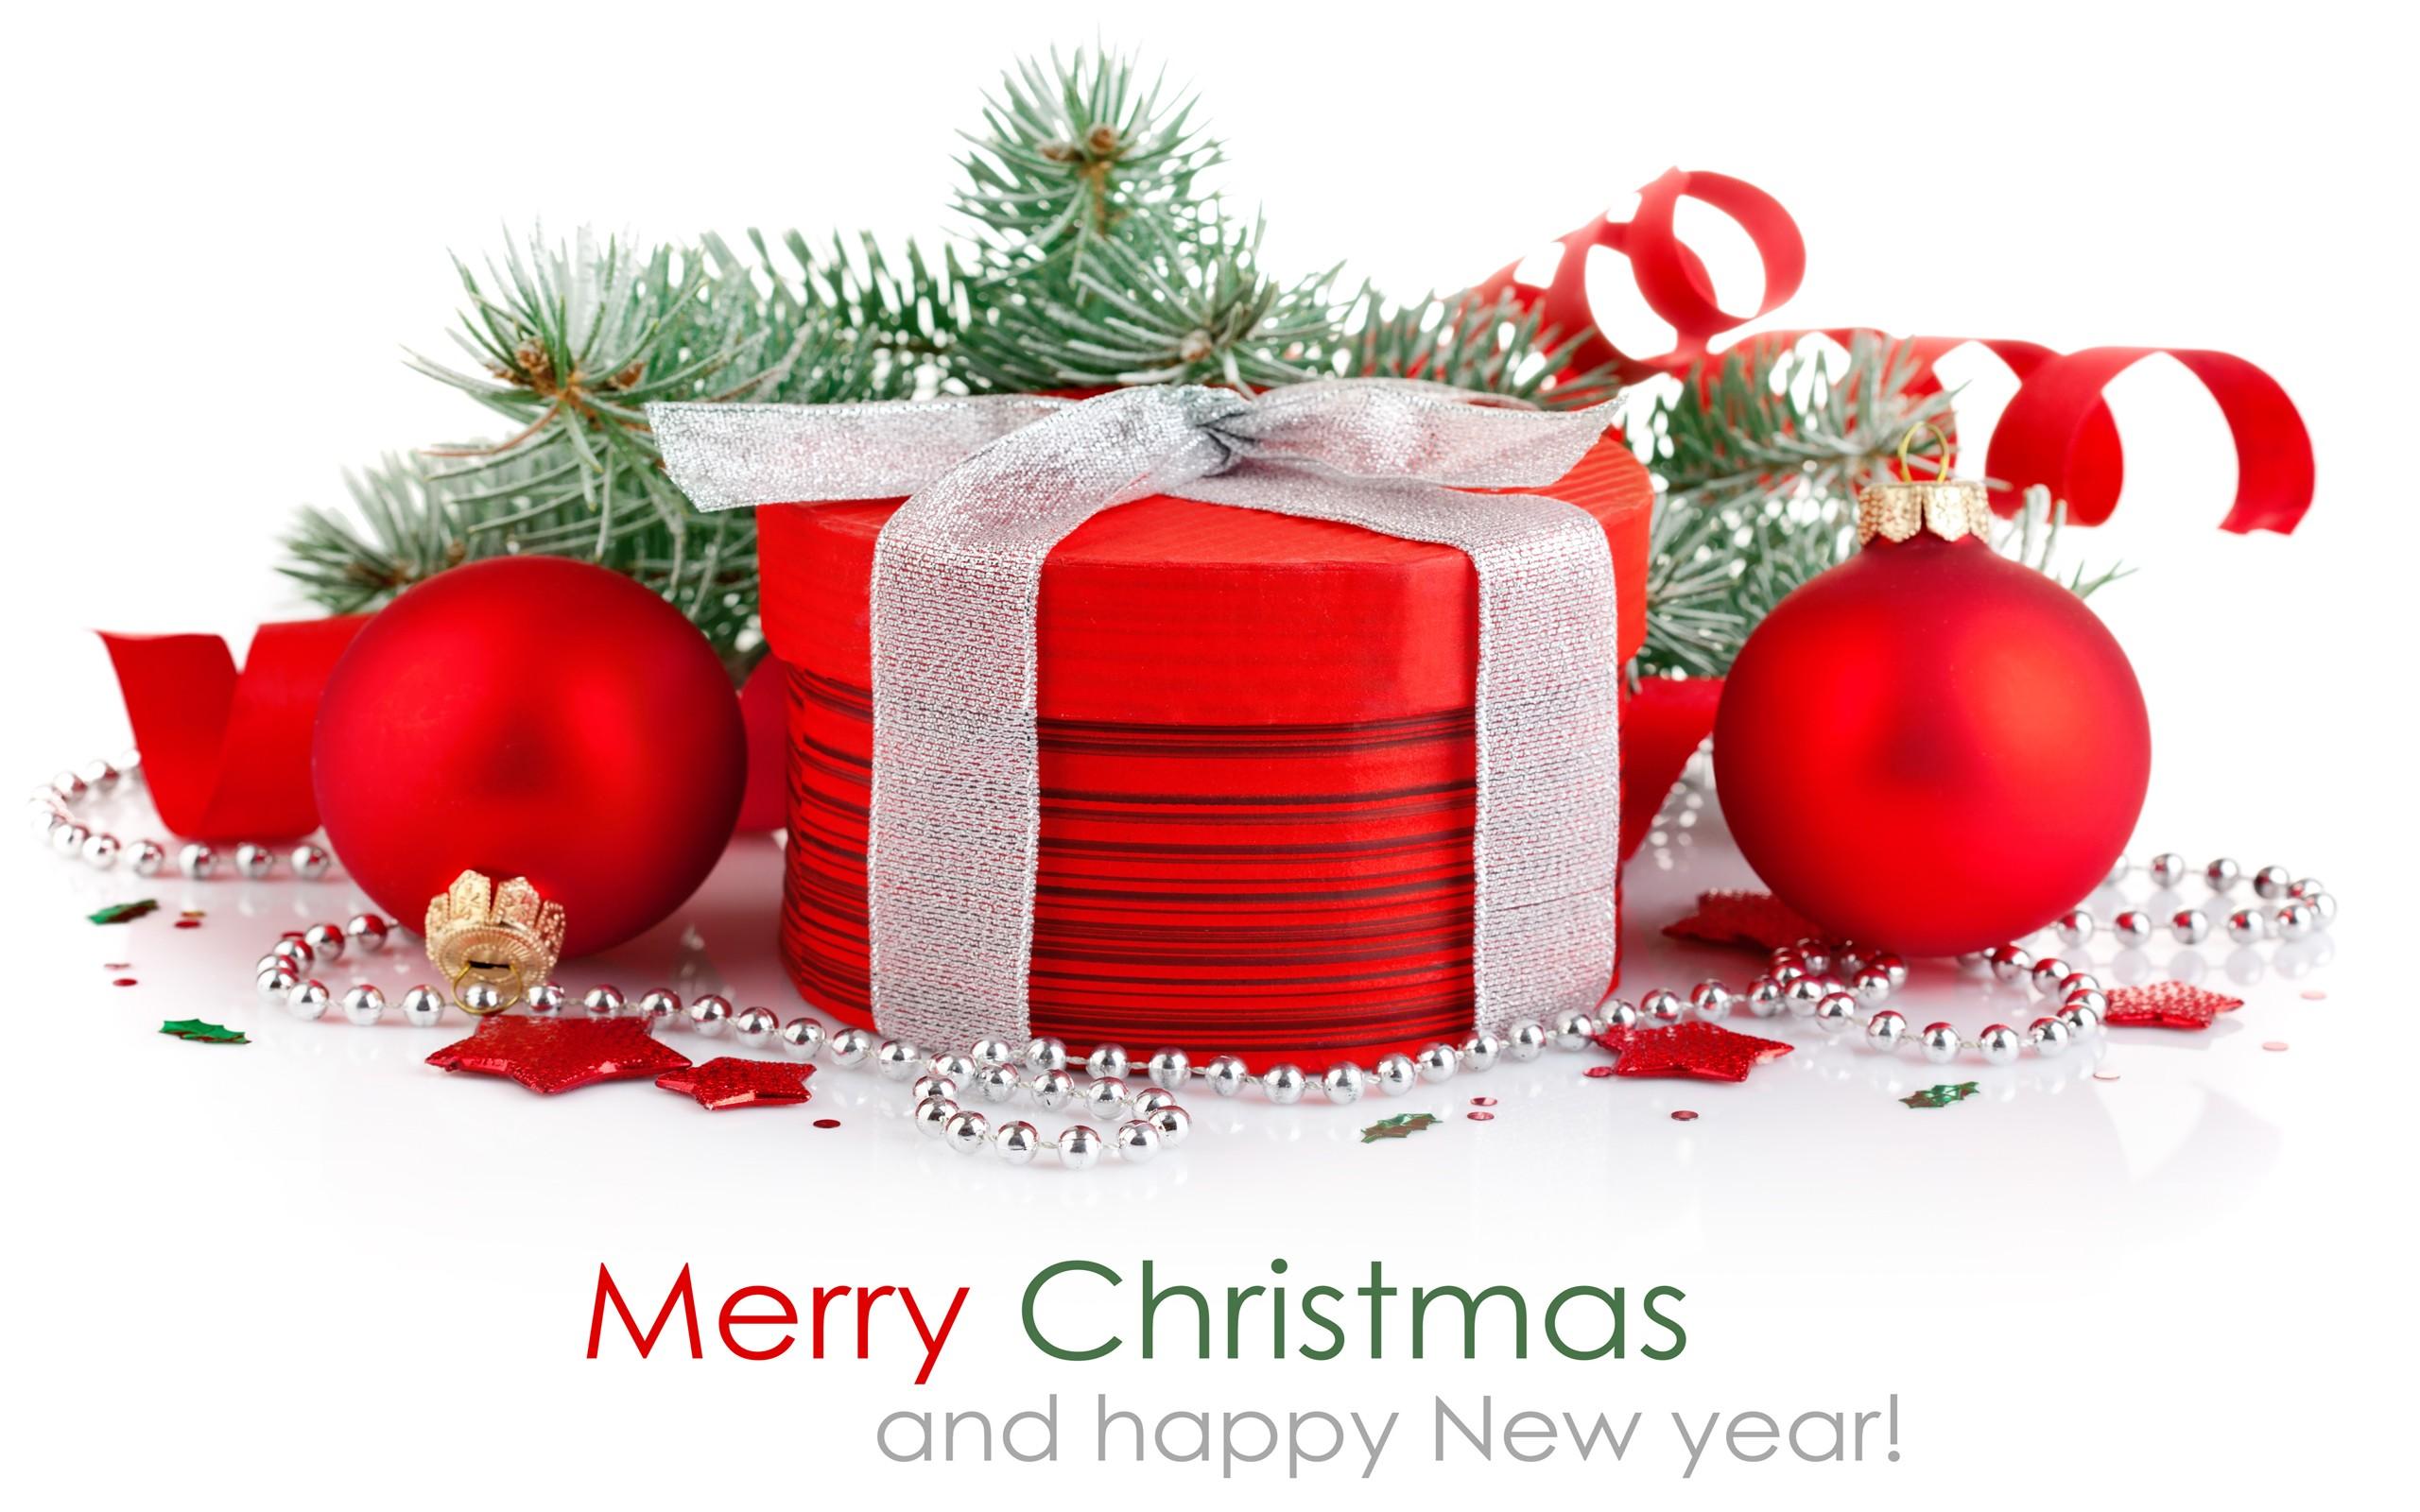 Fiestas de navidad - 2560x1600